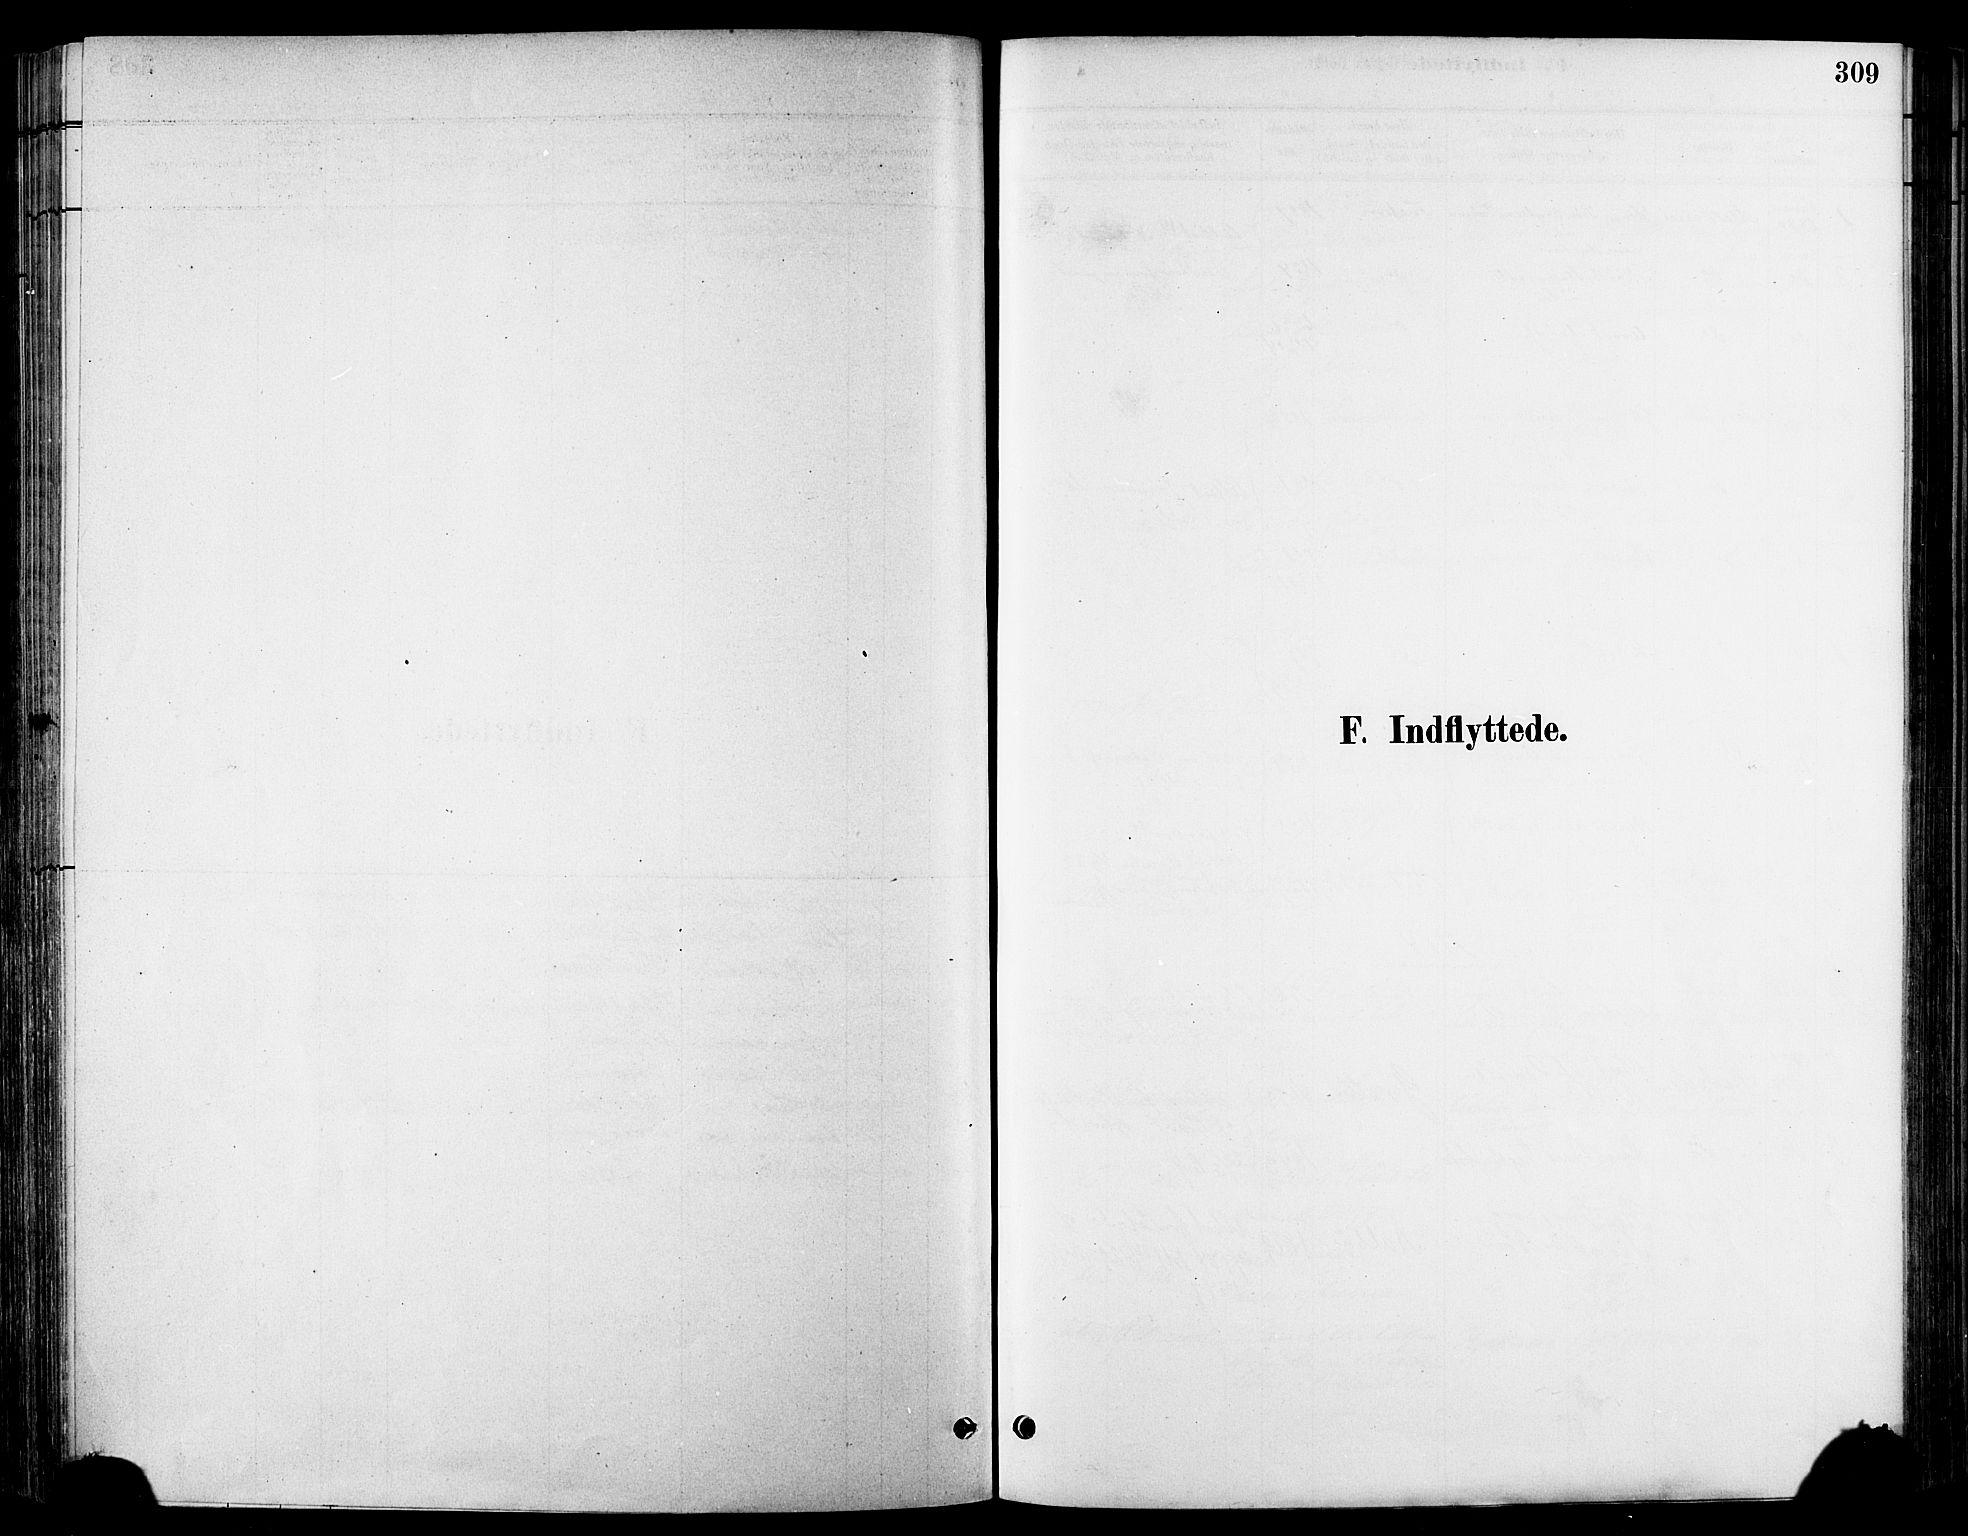 SAT, Ministerialprotokoller, klokkerbøker og fødselsregistre - Sør-Trøndelag, 678/L0901: Ministerialbok nr. 678A10, 1881-1894, s. 309